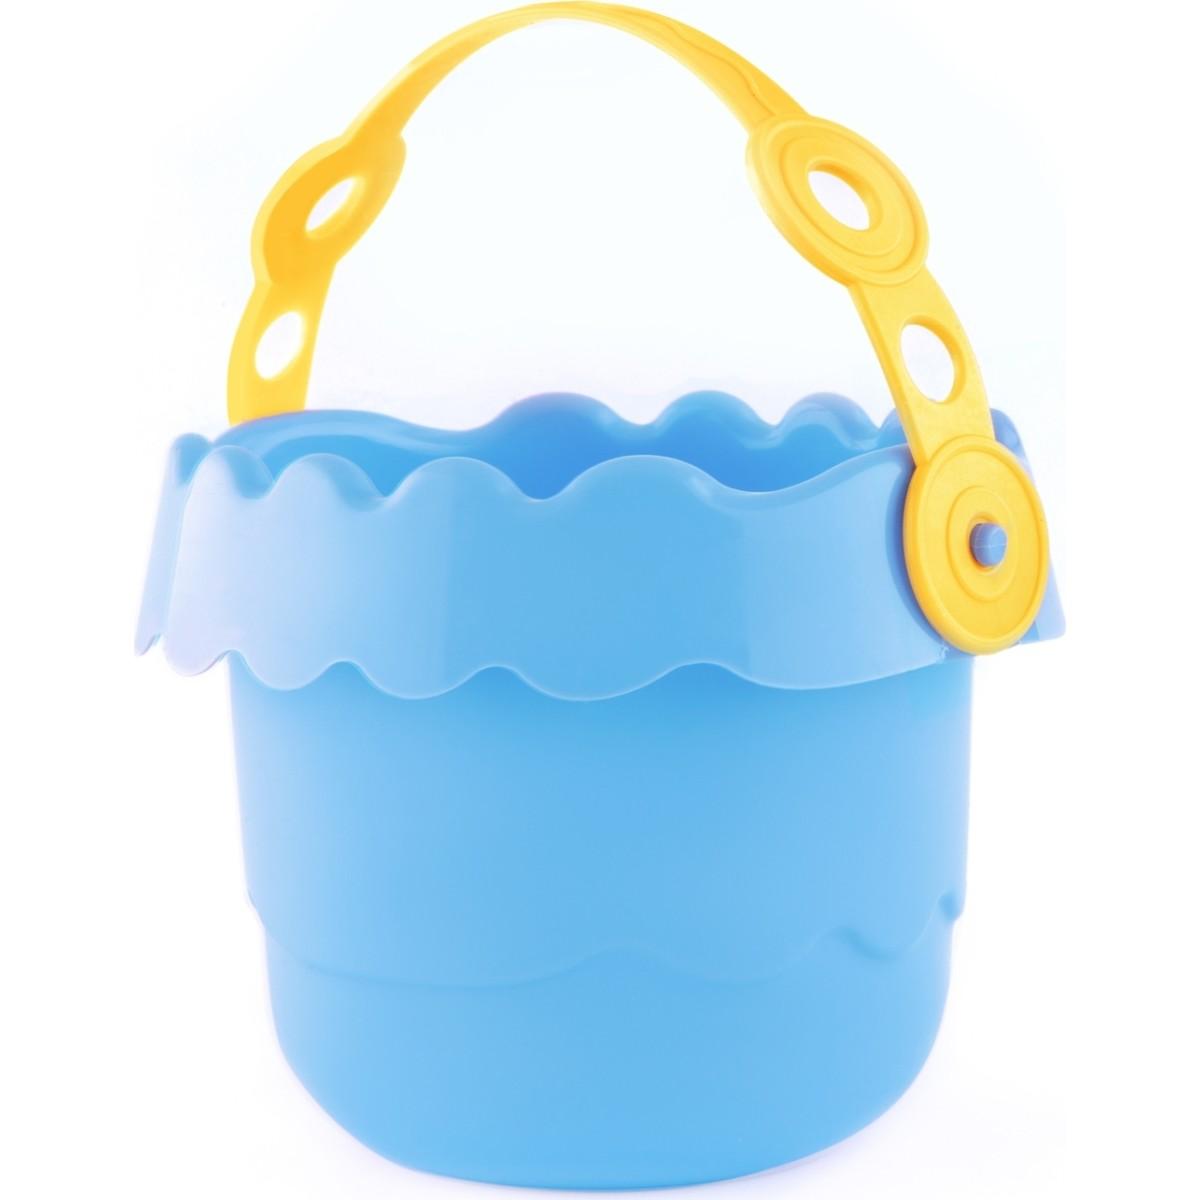 Ведерко детское Волна 0.7 л цвет голубой